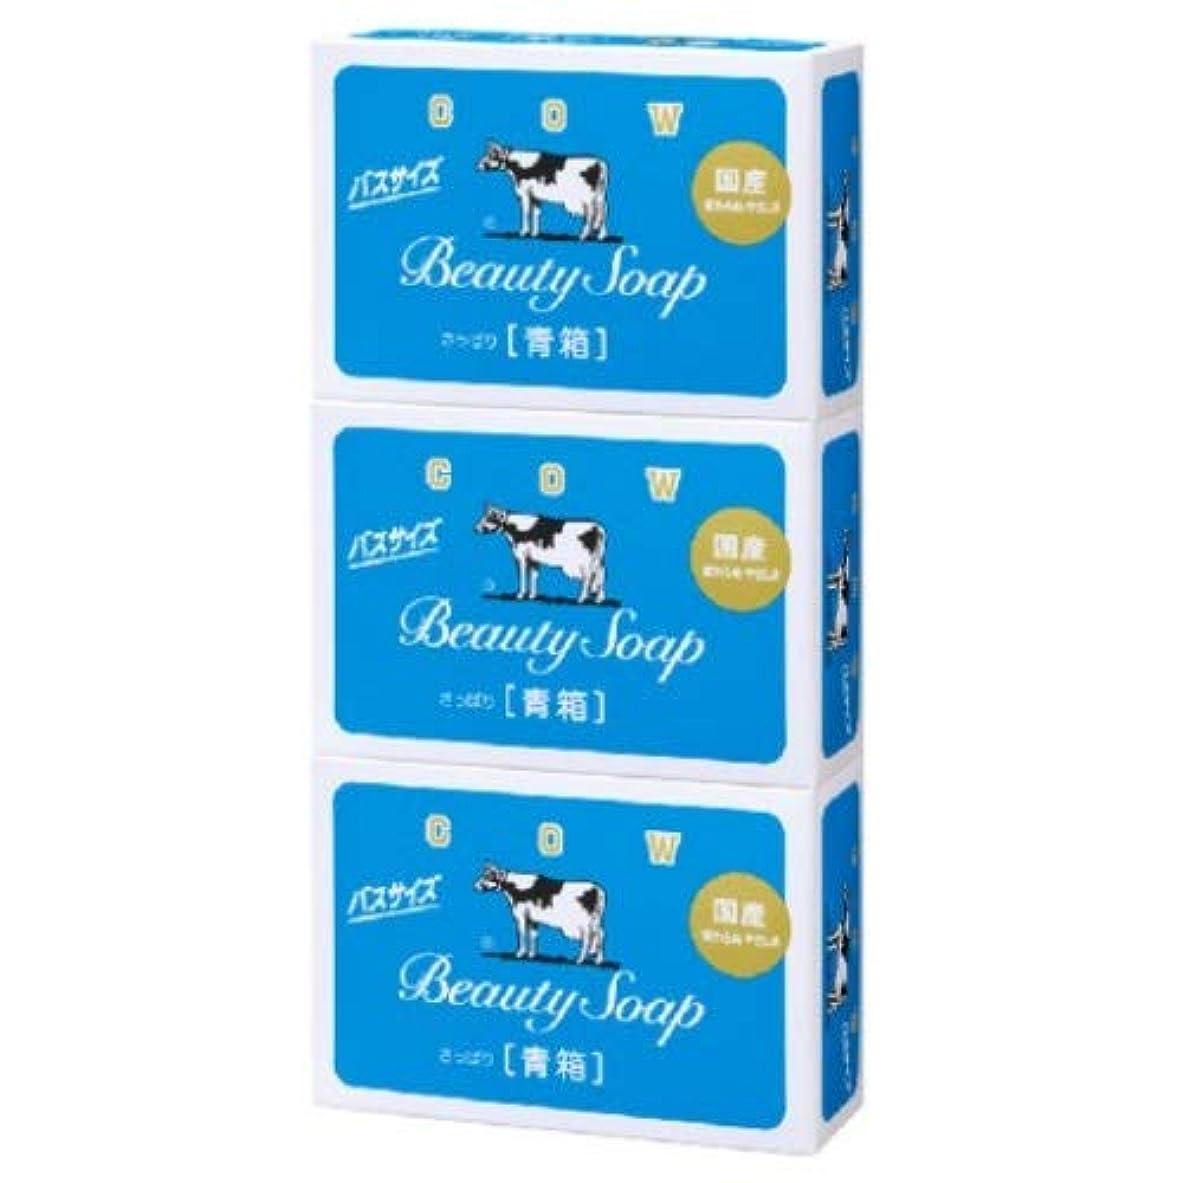 忘れられないタックル掃く牛乳石鹸 カウブランド 青箱 バスサイズ 3コパック